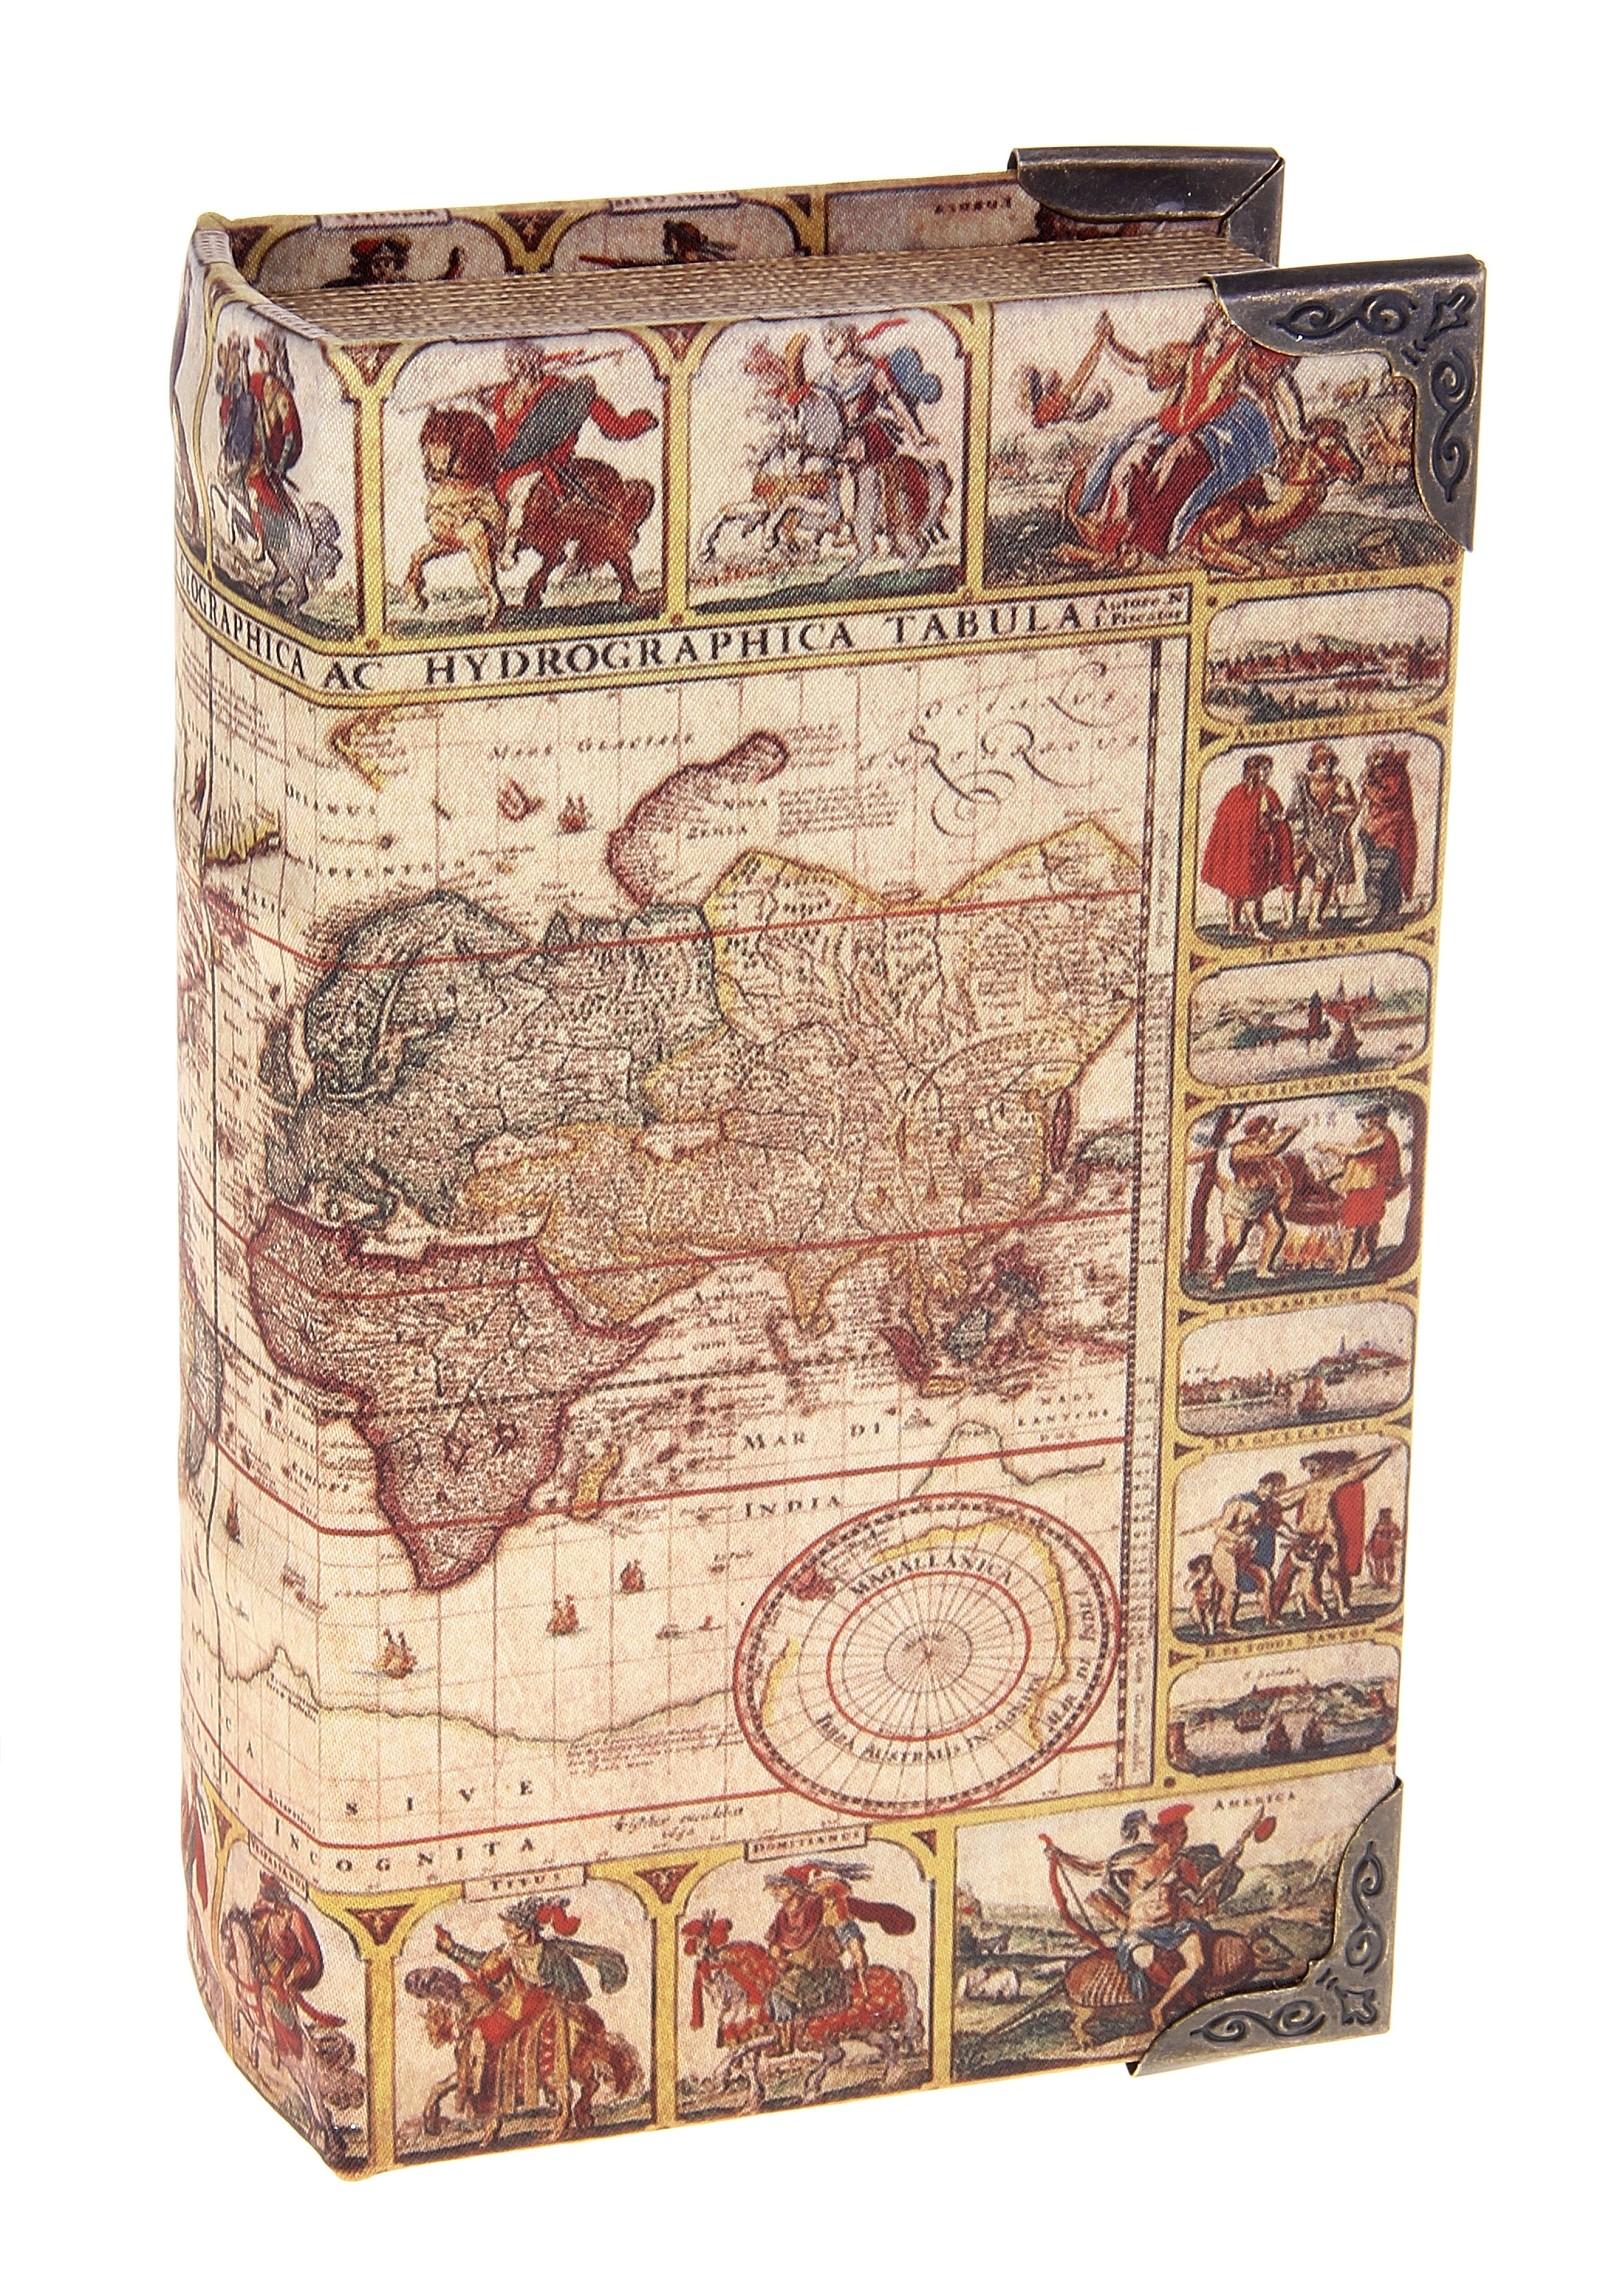 Шкатулка-книга Карта исследователя680635Шкатулка-книга Карта исследователя изготовлена из дерева. Оригинальное оформление шкатулки, несомненно, привлечет внимание. Шкатулка изготовлена в виде книги, поверхность которой выполнена из шёлка и оформлена изображением старинной карты мира. Такая шкатулка может использоваться для хранения бижутерии, в качестве украшения интерьера, а также послужит хорошим подарком для человека, ценящего практичные и оригинальные вещицы. Характеристики: Материал: дерево, шёлк, металл, кожзам. Цвет: коричневый. Размер шкатулки (в закрытом виде): 17 см х 11 см х 5 см. Размер упаковки: 18 см х 12 см х 5,5 см. Артикул: 680635.